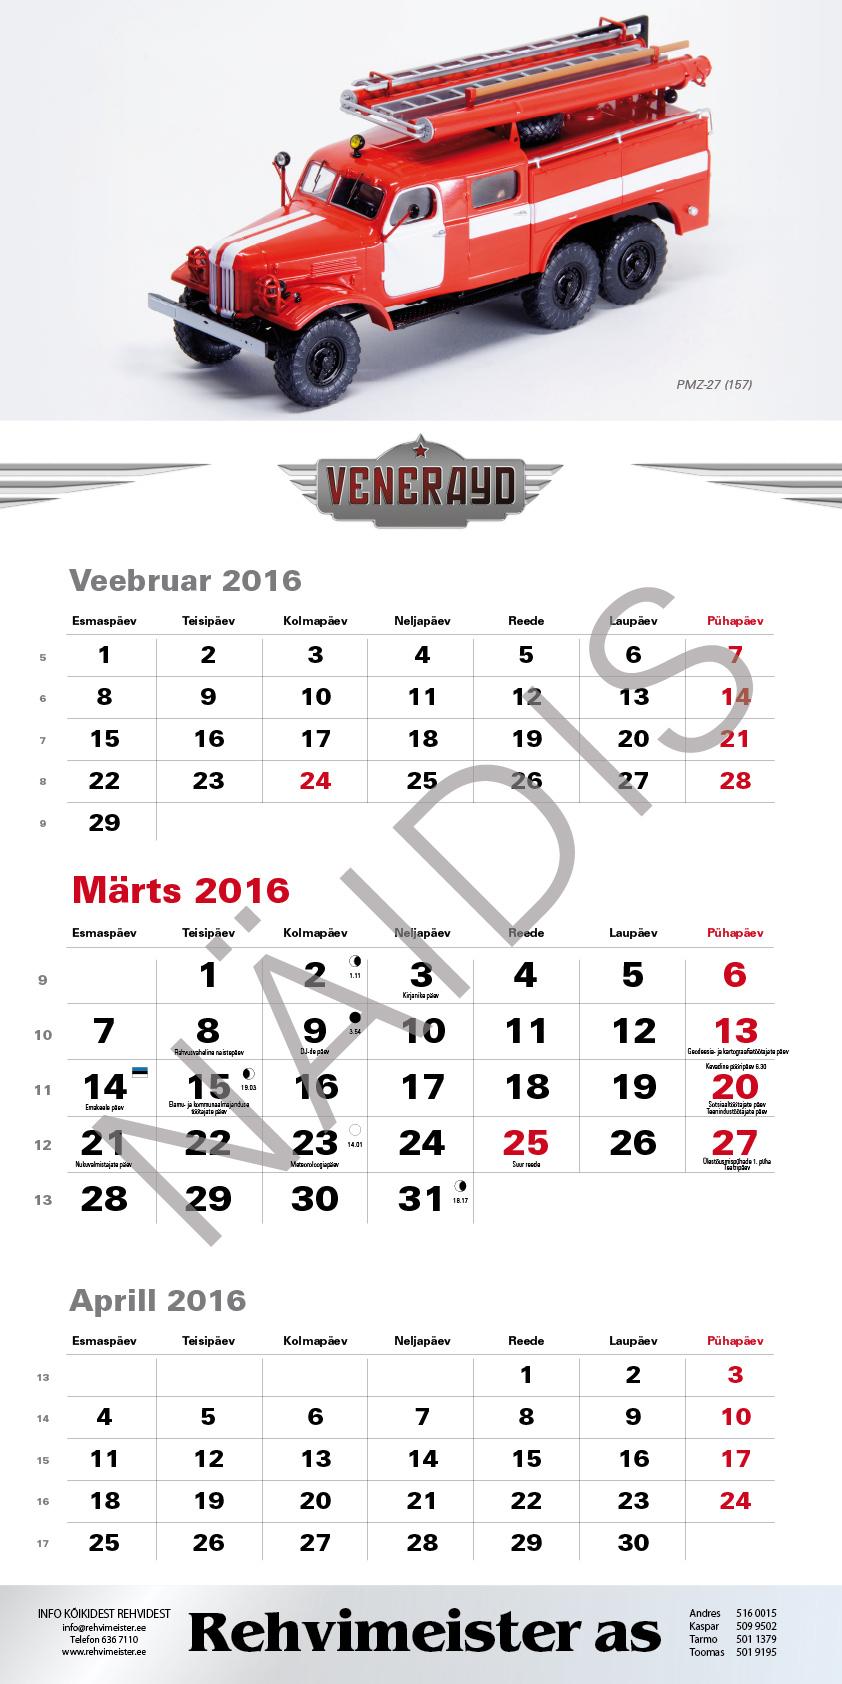 Veneraud_kalender_2016_4